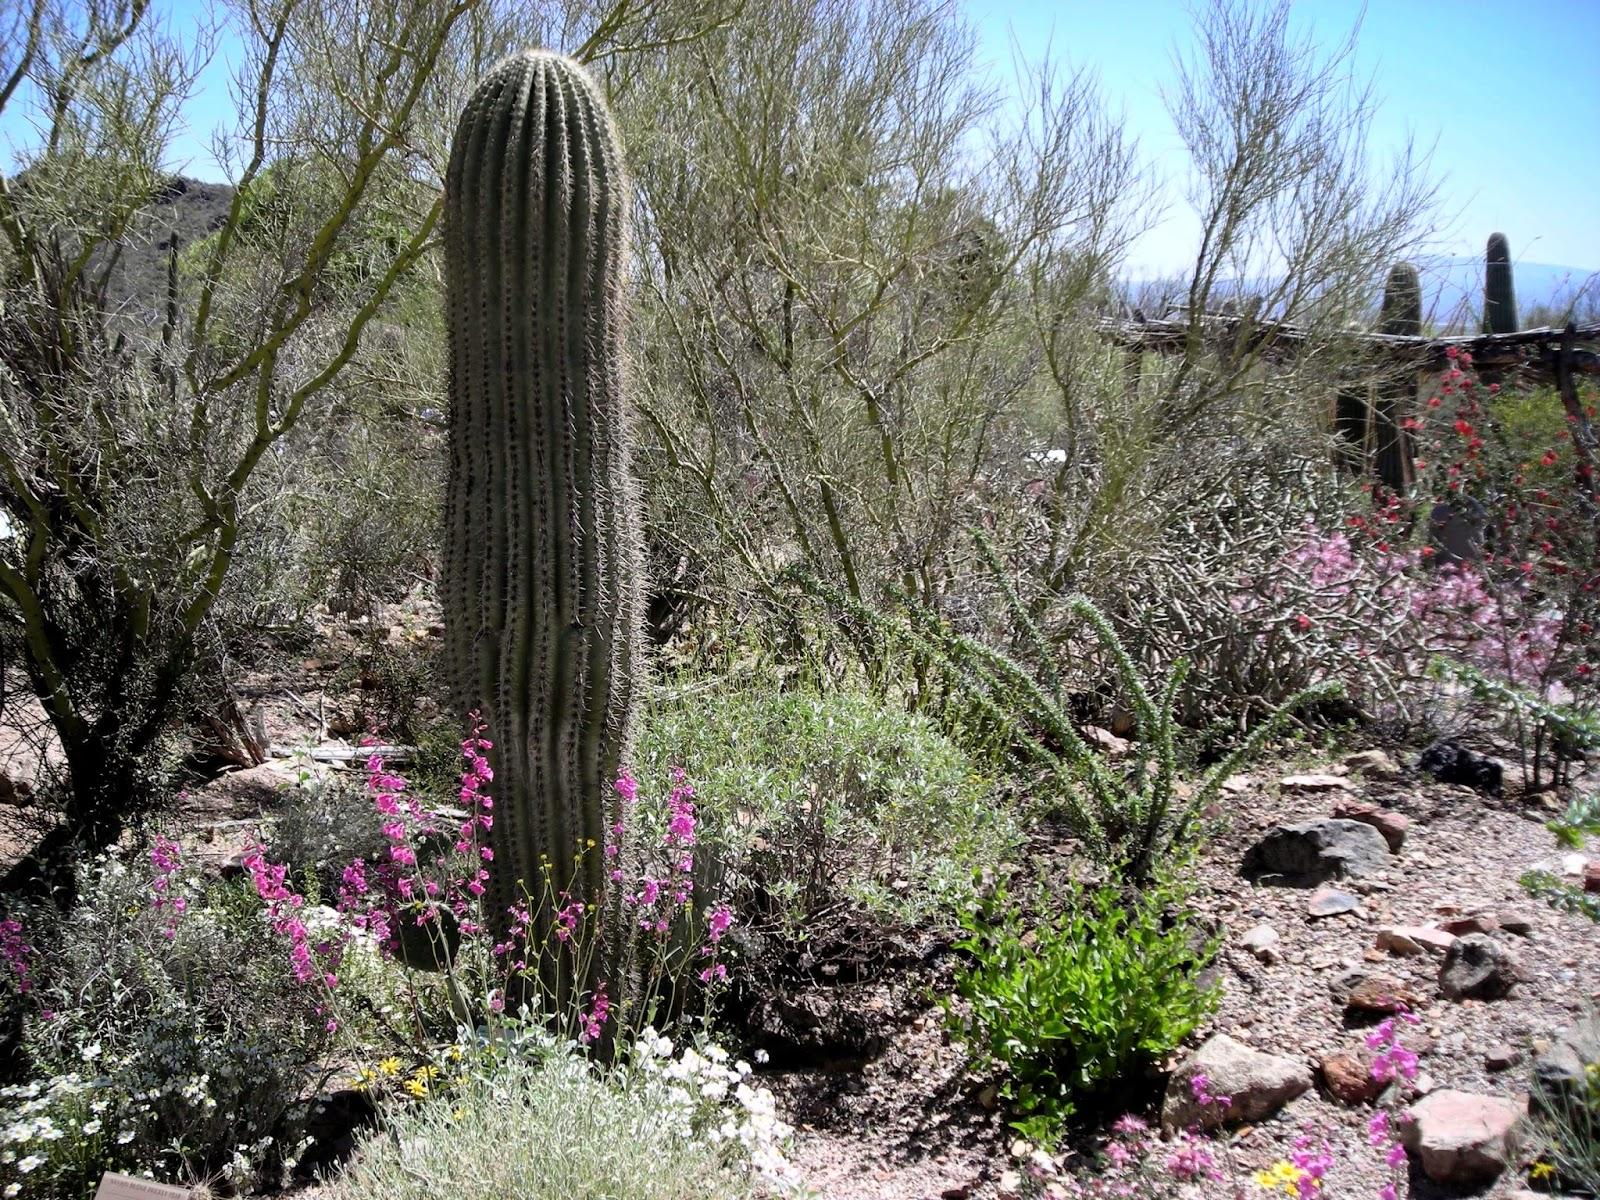 Sonoran cactus, Tucson